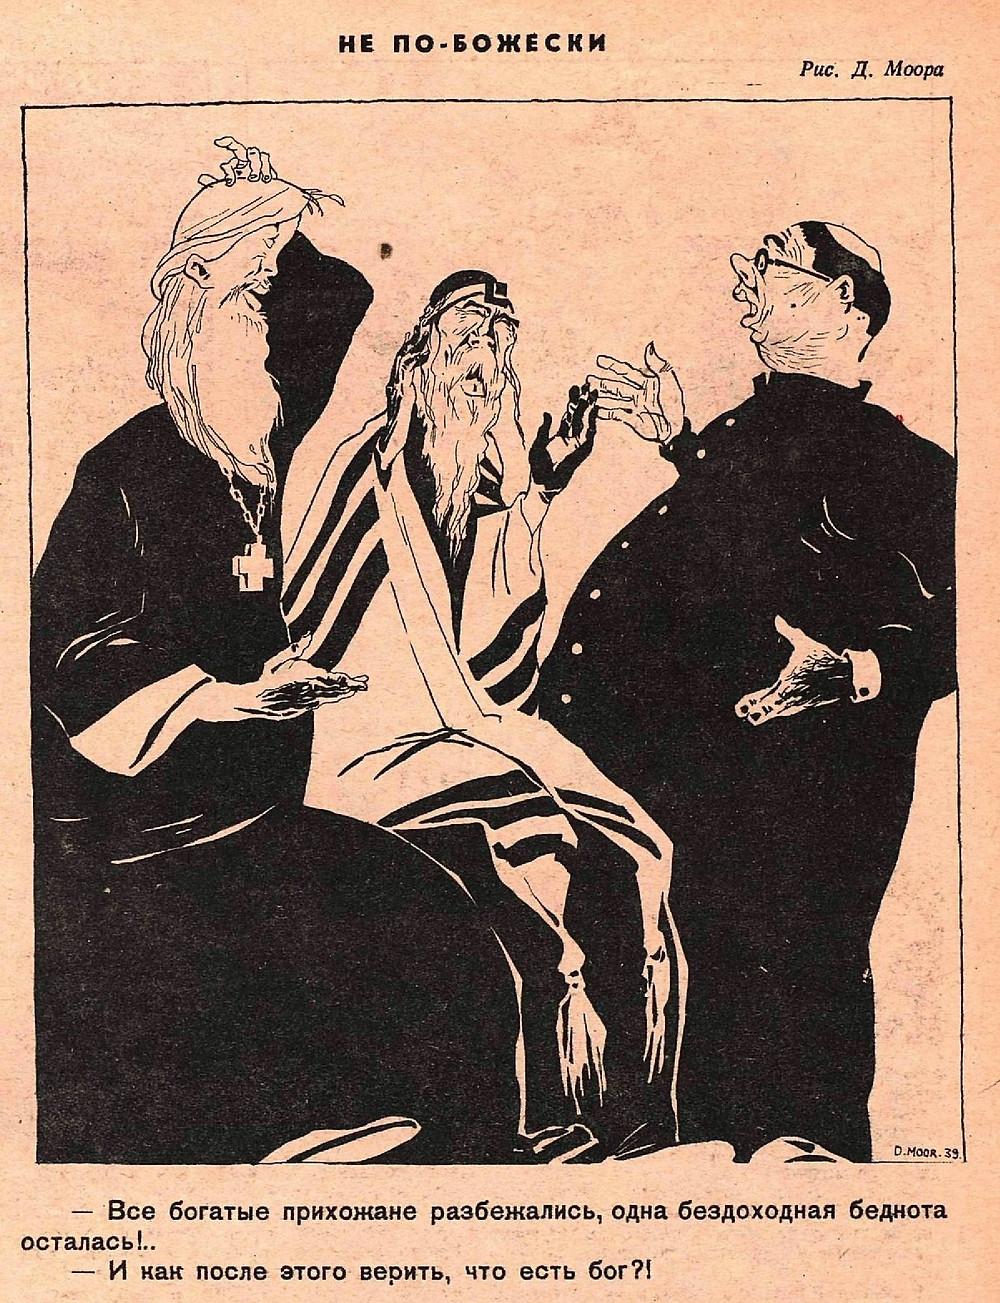 Журнал крокодил 1939г, №27.5. Секретный пакт Молотова, оккупация Польши. Комиксы СССР.